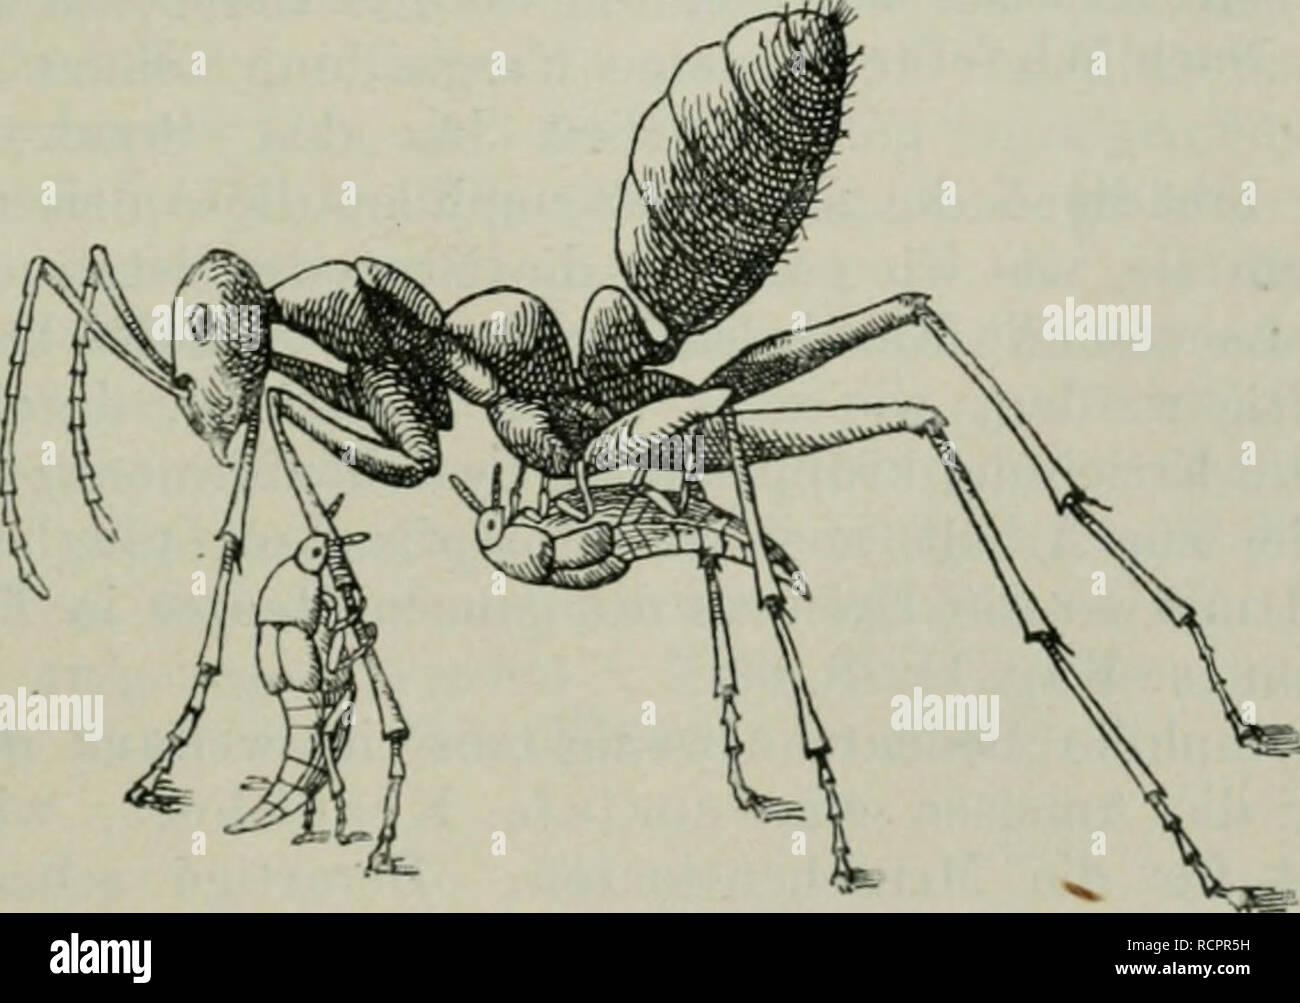 """. Die Ameise. Schilderung ihrer Lebensweise. Ants. P""""'ütterung eines Afemeles durch seine Wirtsameise {Myrmica). Nach Wasmann. Tr Trichome.. Oxysoma oberihüri an seinem Wirt (Myrmecocystns viatims) leckend. Ameisenbrut fest, um sich so direkt oder indirekt transportieren zu lassen (passiver Transport) usw. Was suchen nun die Symphilen bei den Ameisen? So übereinstimmend die Grundlage der Symphilie ist (Exsudate), so mannigfaltig und verschieden sind die Zwecke, welche die ,,echten Gäste"""" in der Ameisengesellschaft verfolgen. Die einen haben es auf. Please note that these images are e Stock Photo"""